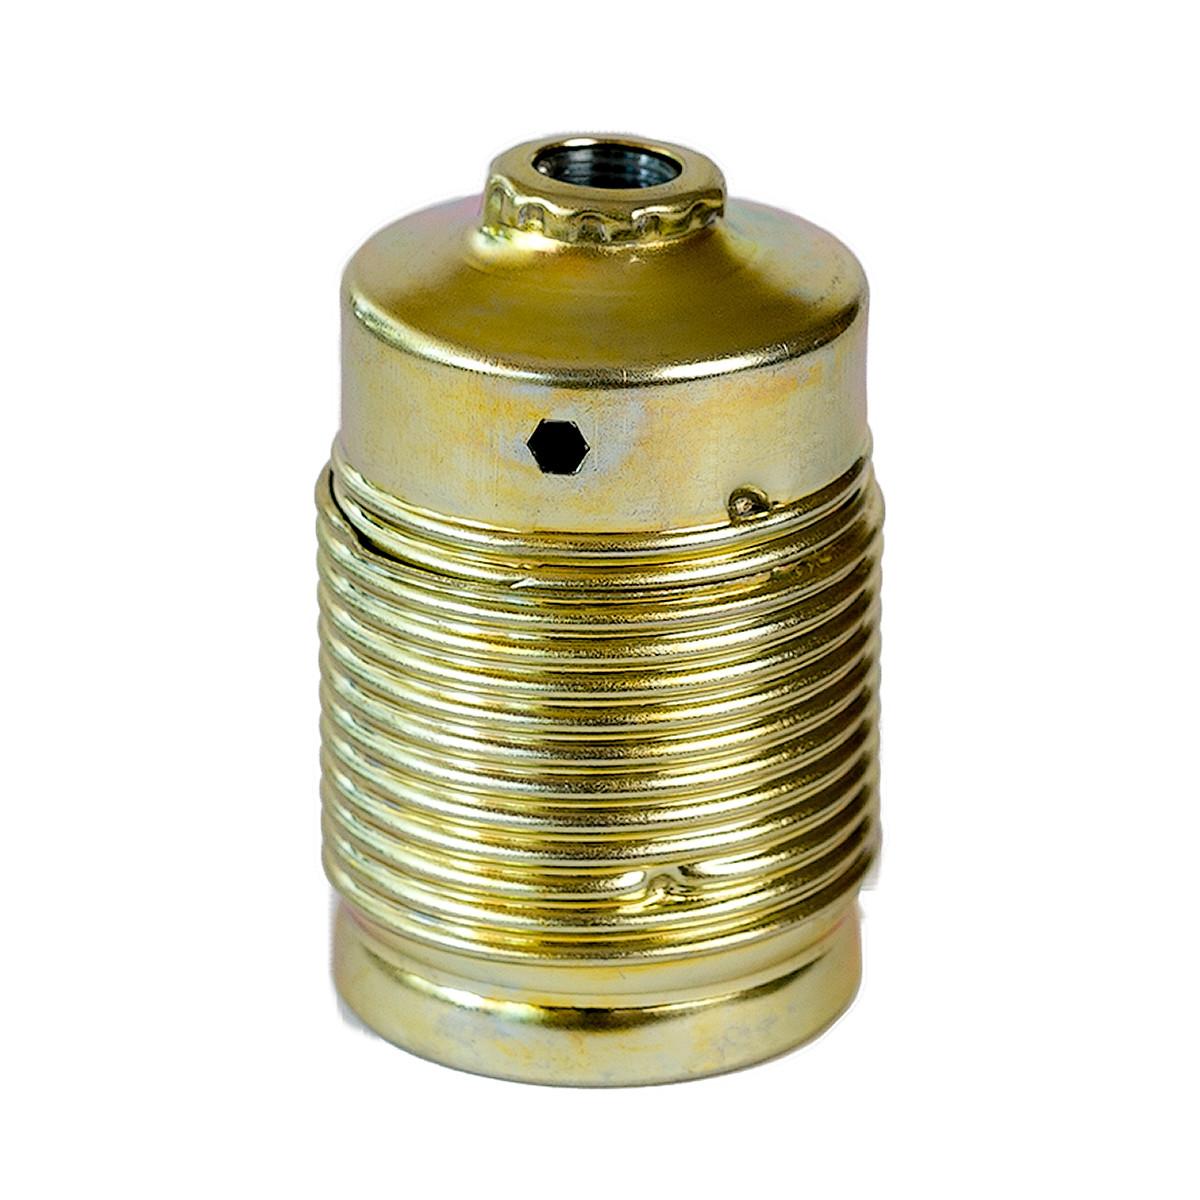 Metallfassung E27 zylindrisch mit Außengewinde gold